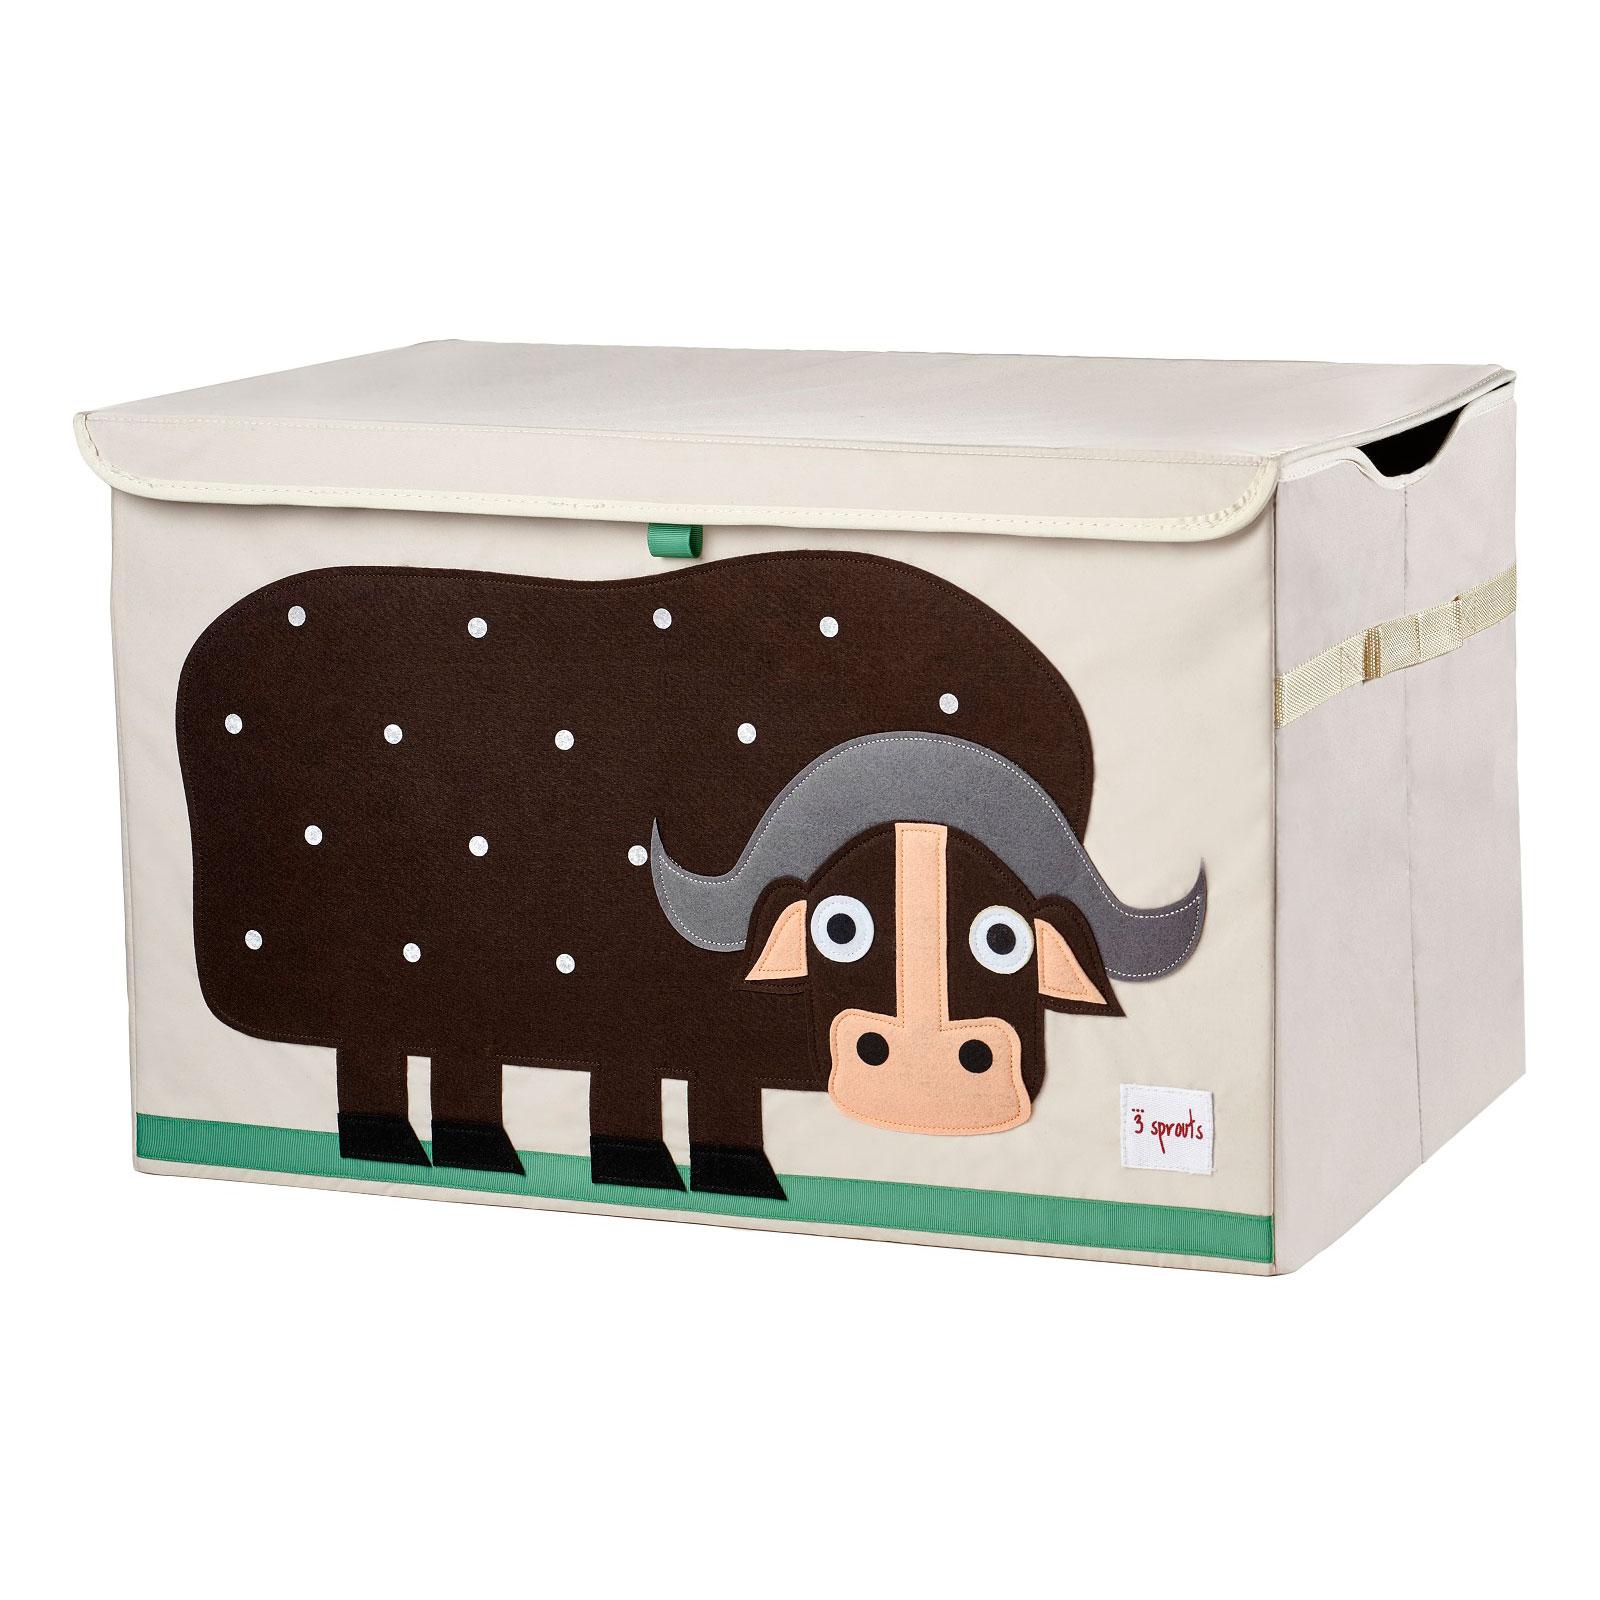 Сундук для хранения игрушек 3 Sprouts Буйвол (Brown Buffalo SPR906) Арт. 00017